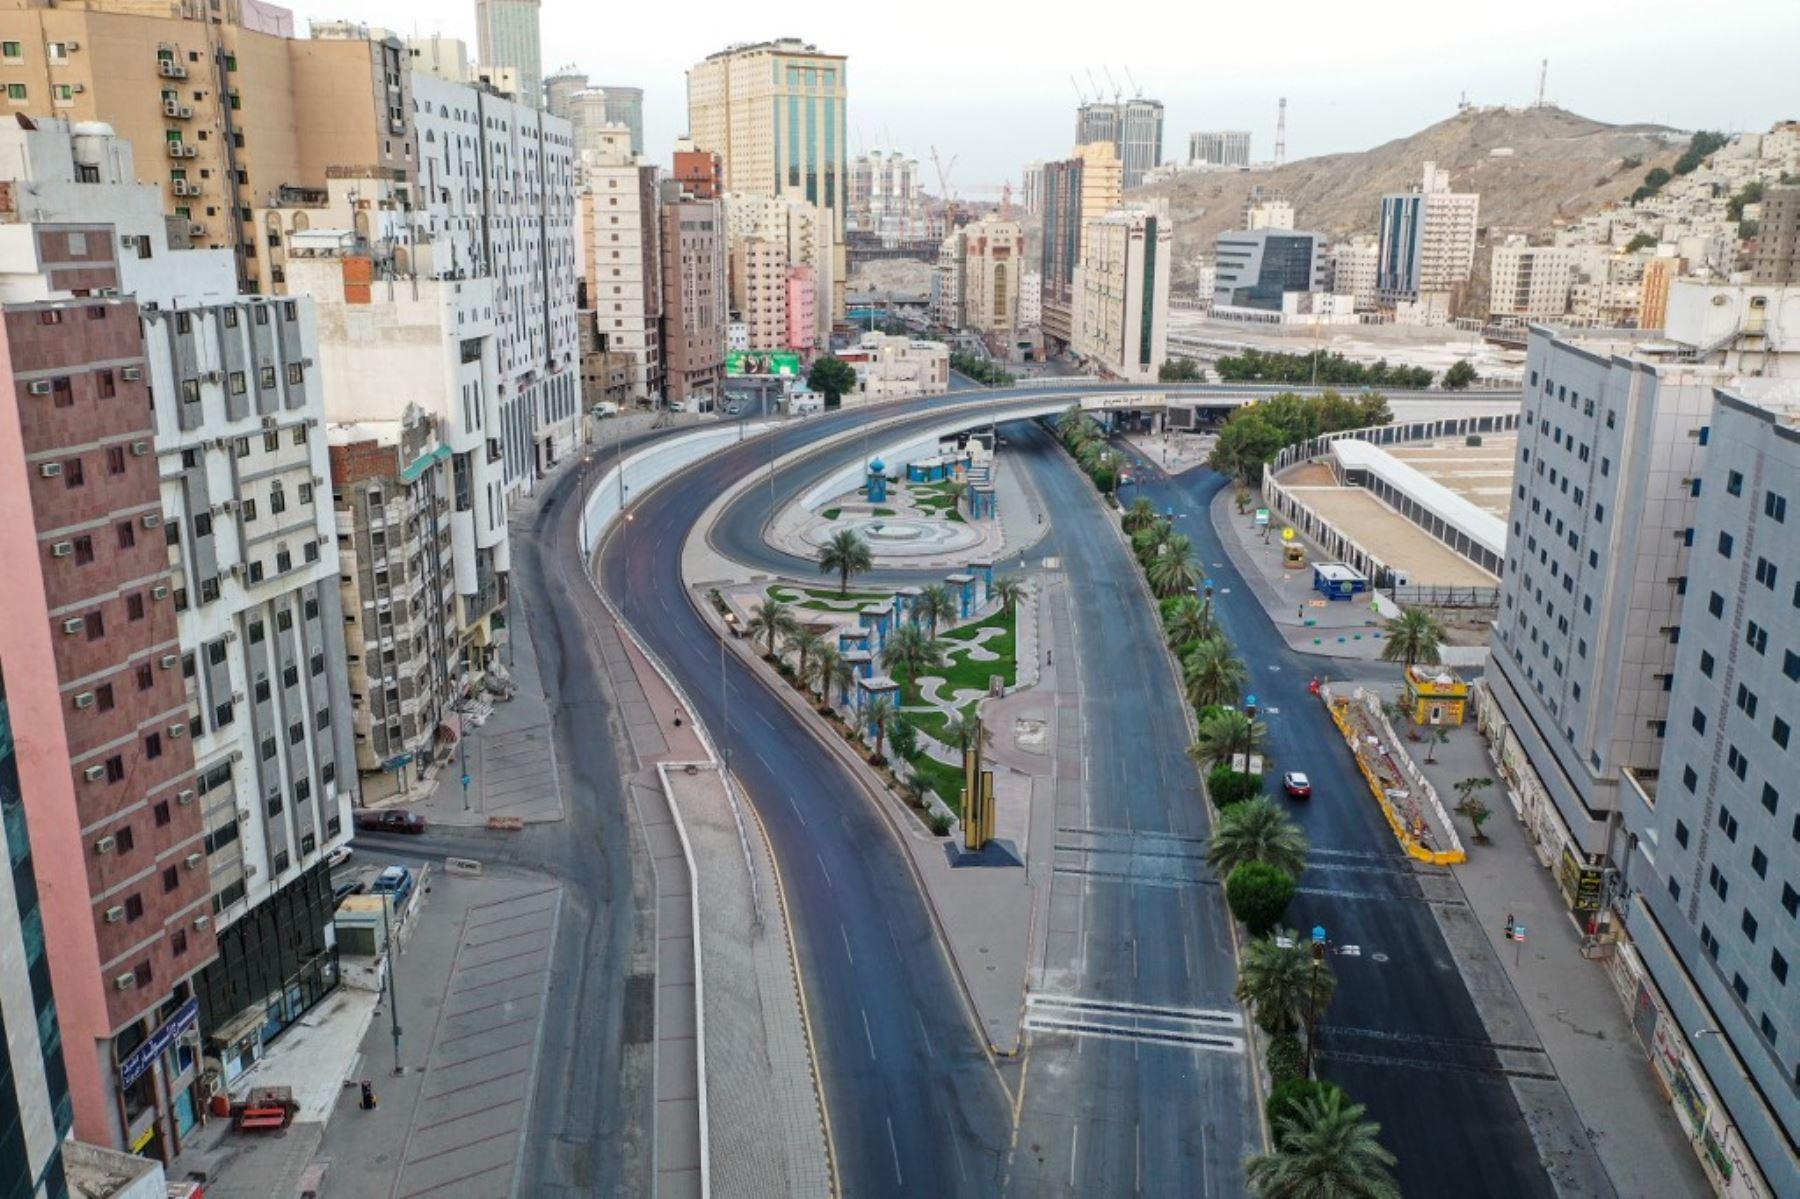 Una vista aérea de un barrio de la ciudad sagrada de La Meca, en Arabia Saudita que luce vacía en pleno toque de queda que se ordenó debido al incremento de contagios que llegó a 68,000. Foto: AFP